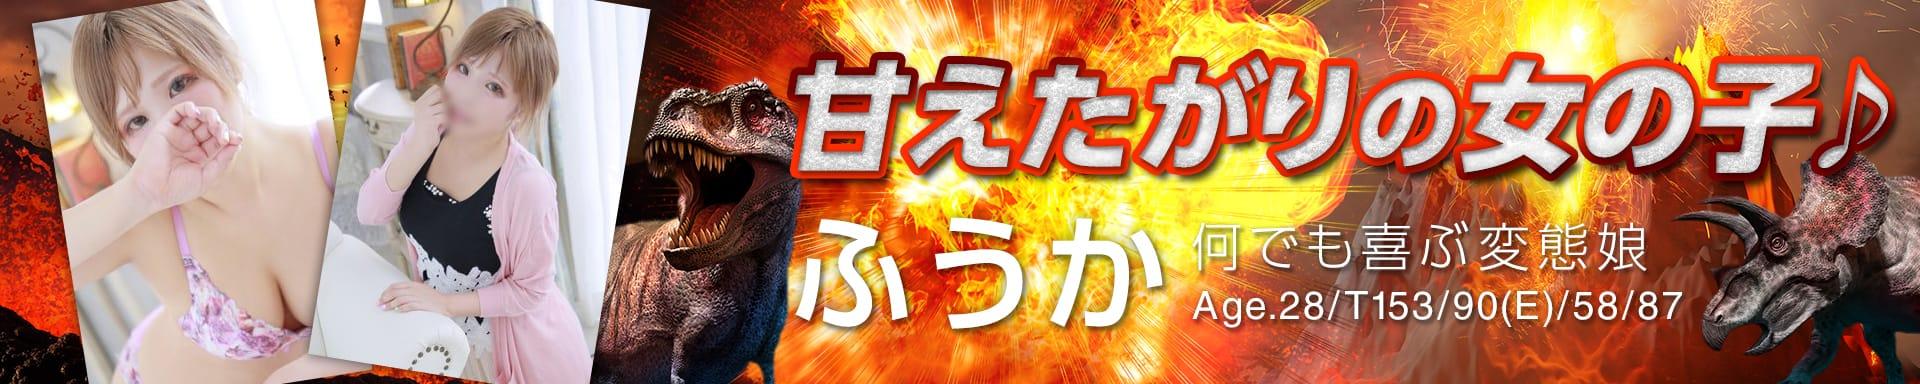 激安だけどいい女!「BIG IMPACT熊本」 その3